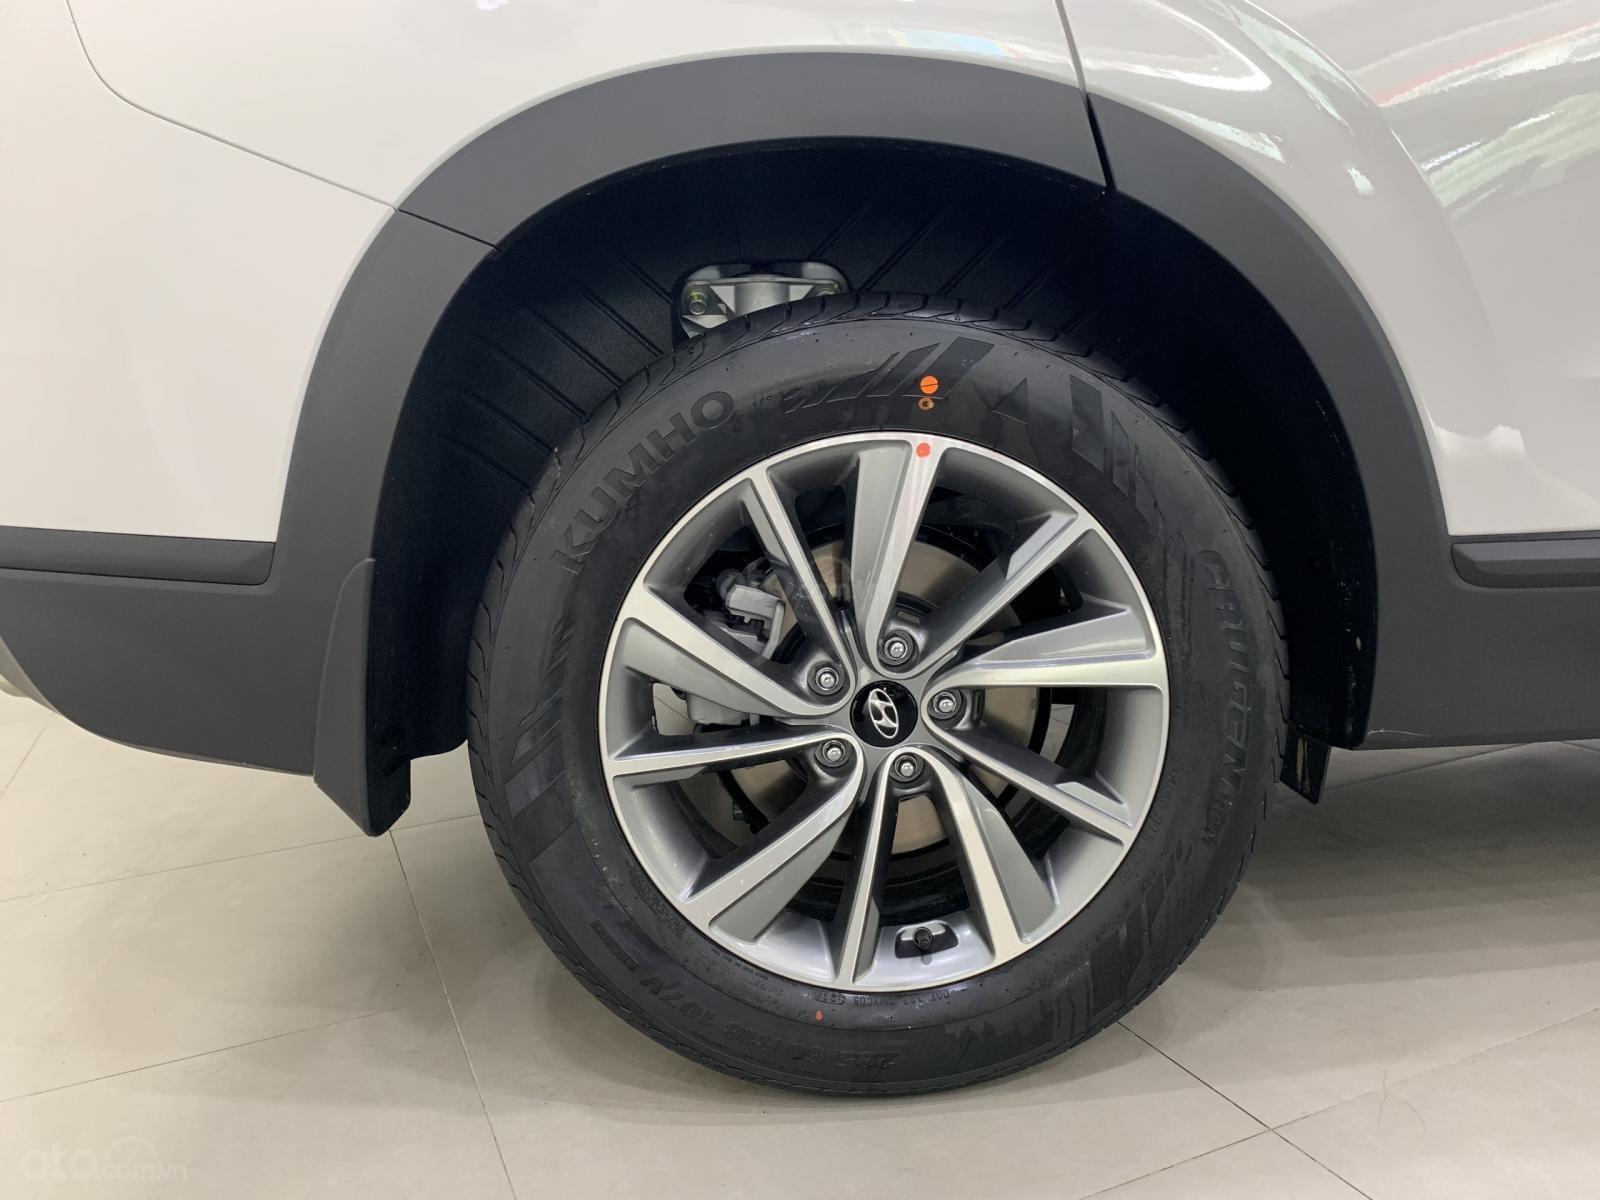 Bán xe Hyundai Santa Fe đời 2019, hỗ trợ mua trả góp lên tới 85% giá trị xe, có xe giao ngay. LH ngay 0971.58.55.33-6